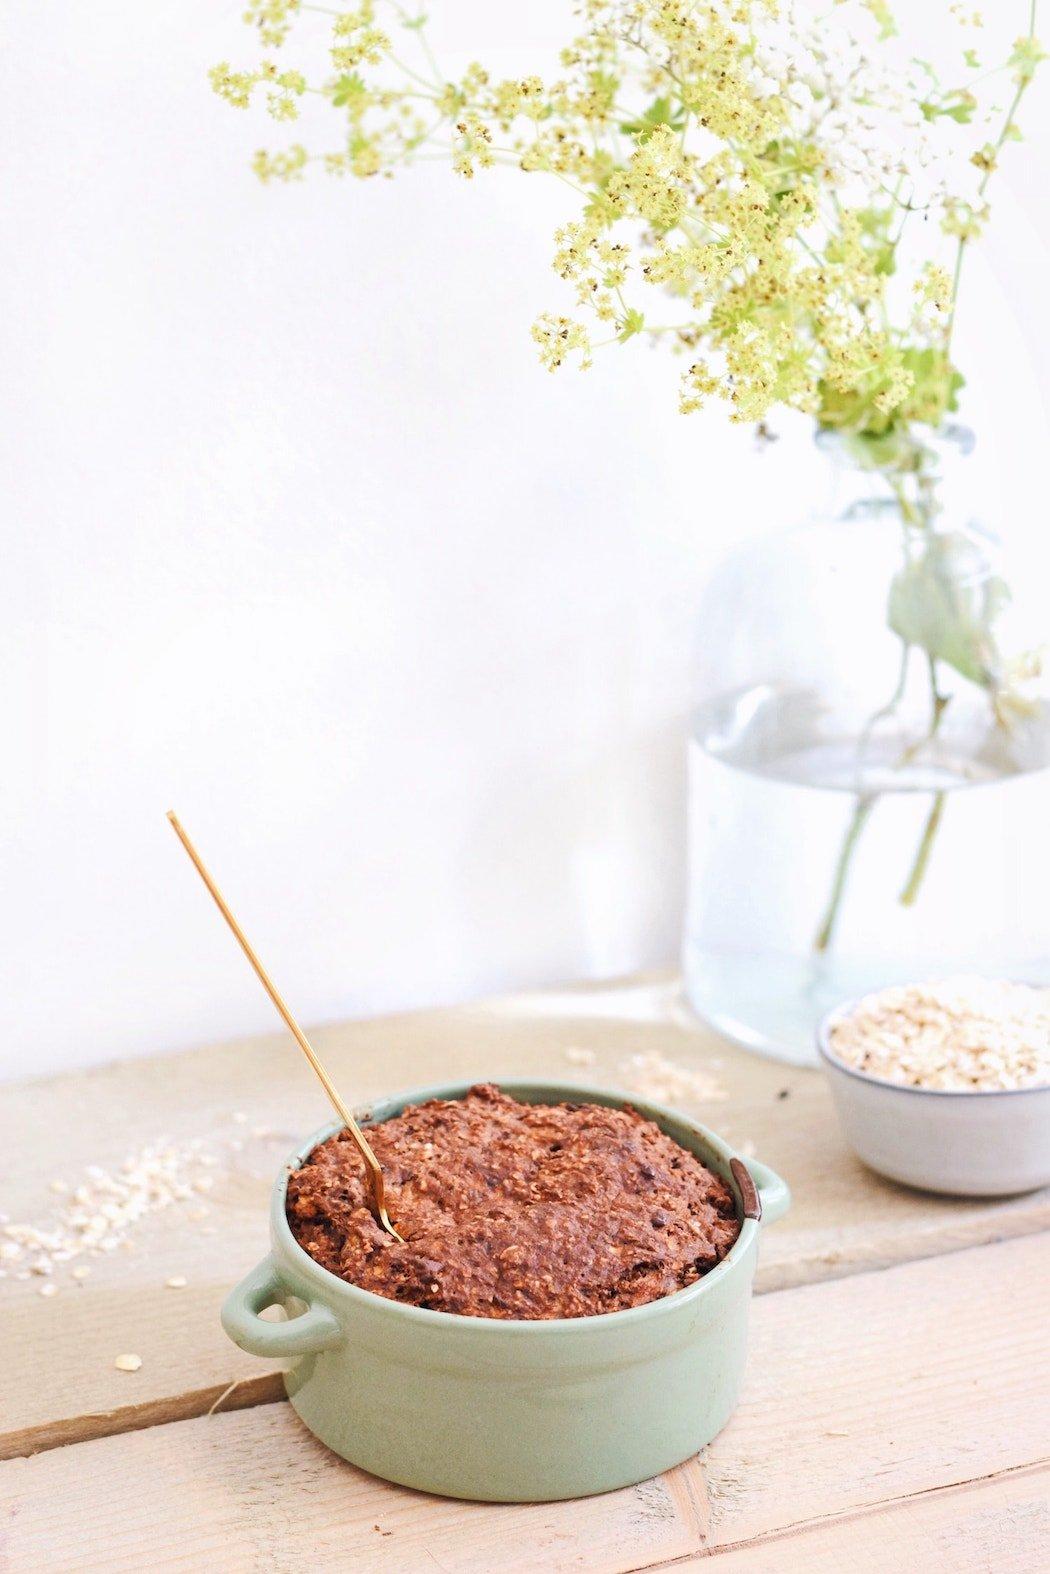 Havermout taartje met chocolade | Ontbijt recept | Healthy Wanderlust